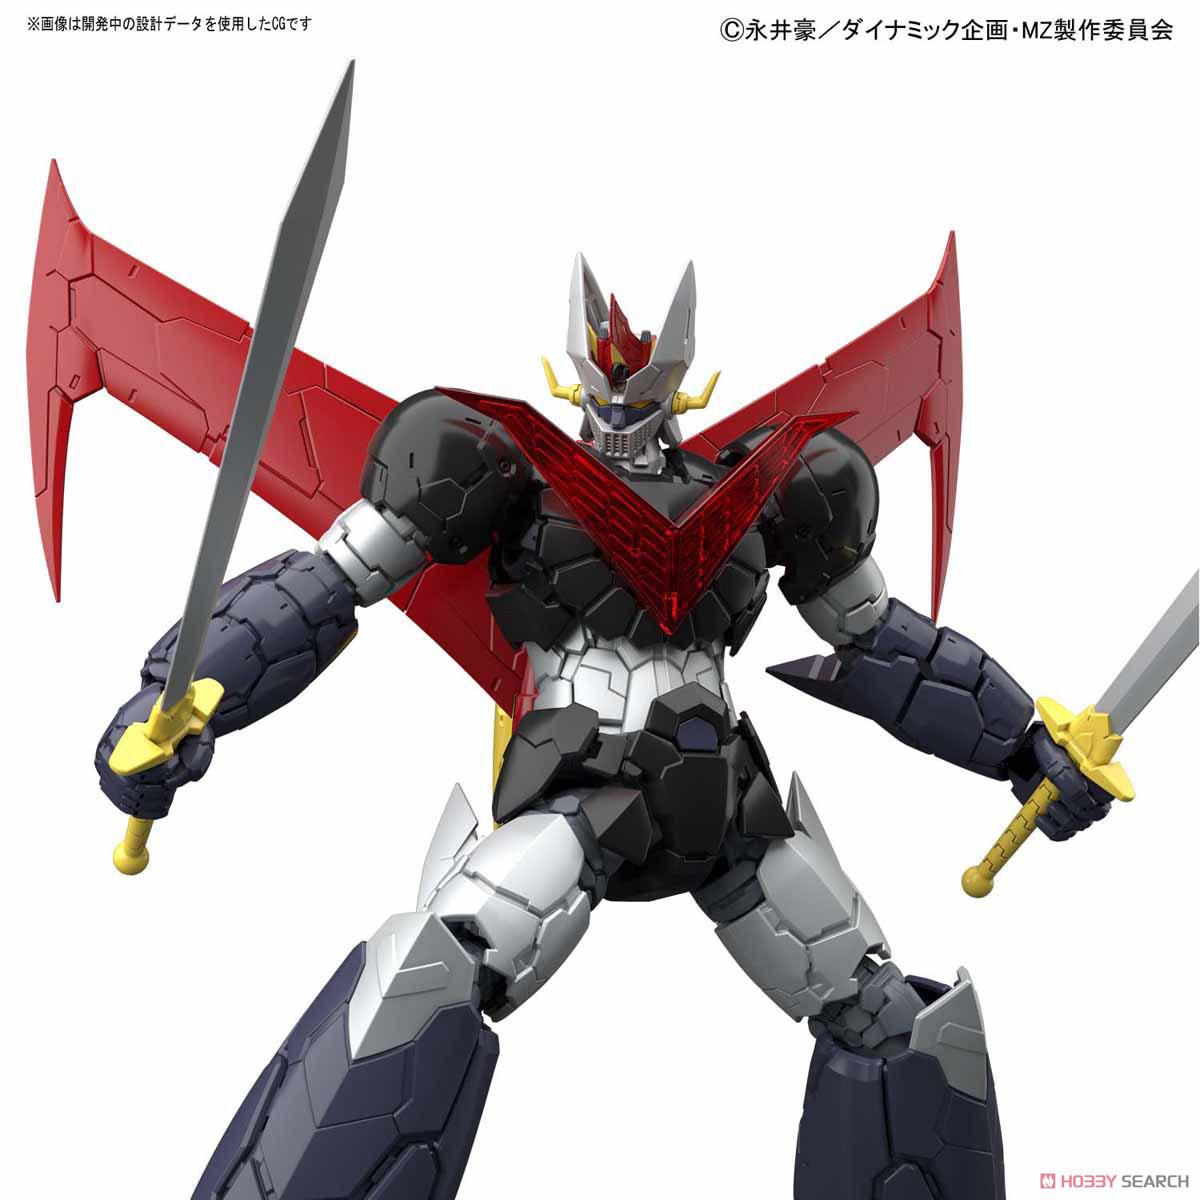 【再販】HG 1/144『グレートマジンガー(マジンガーZ INFINITY Ver.)』プラモデル-019